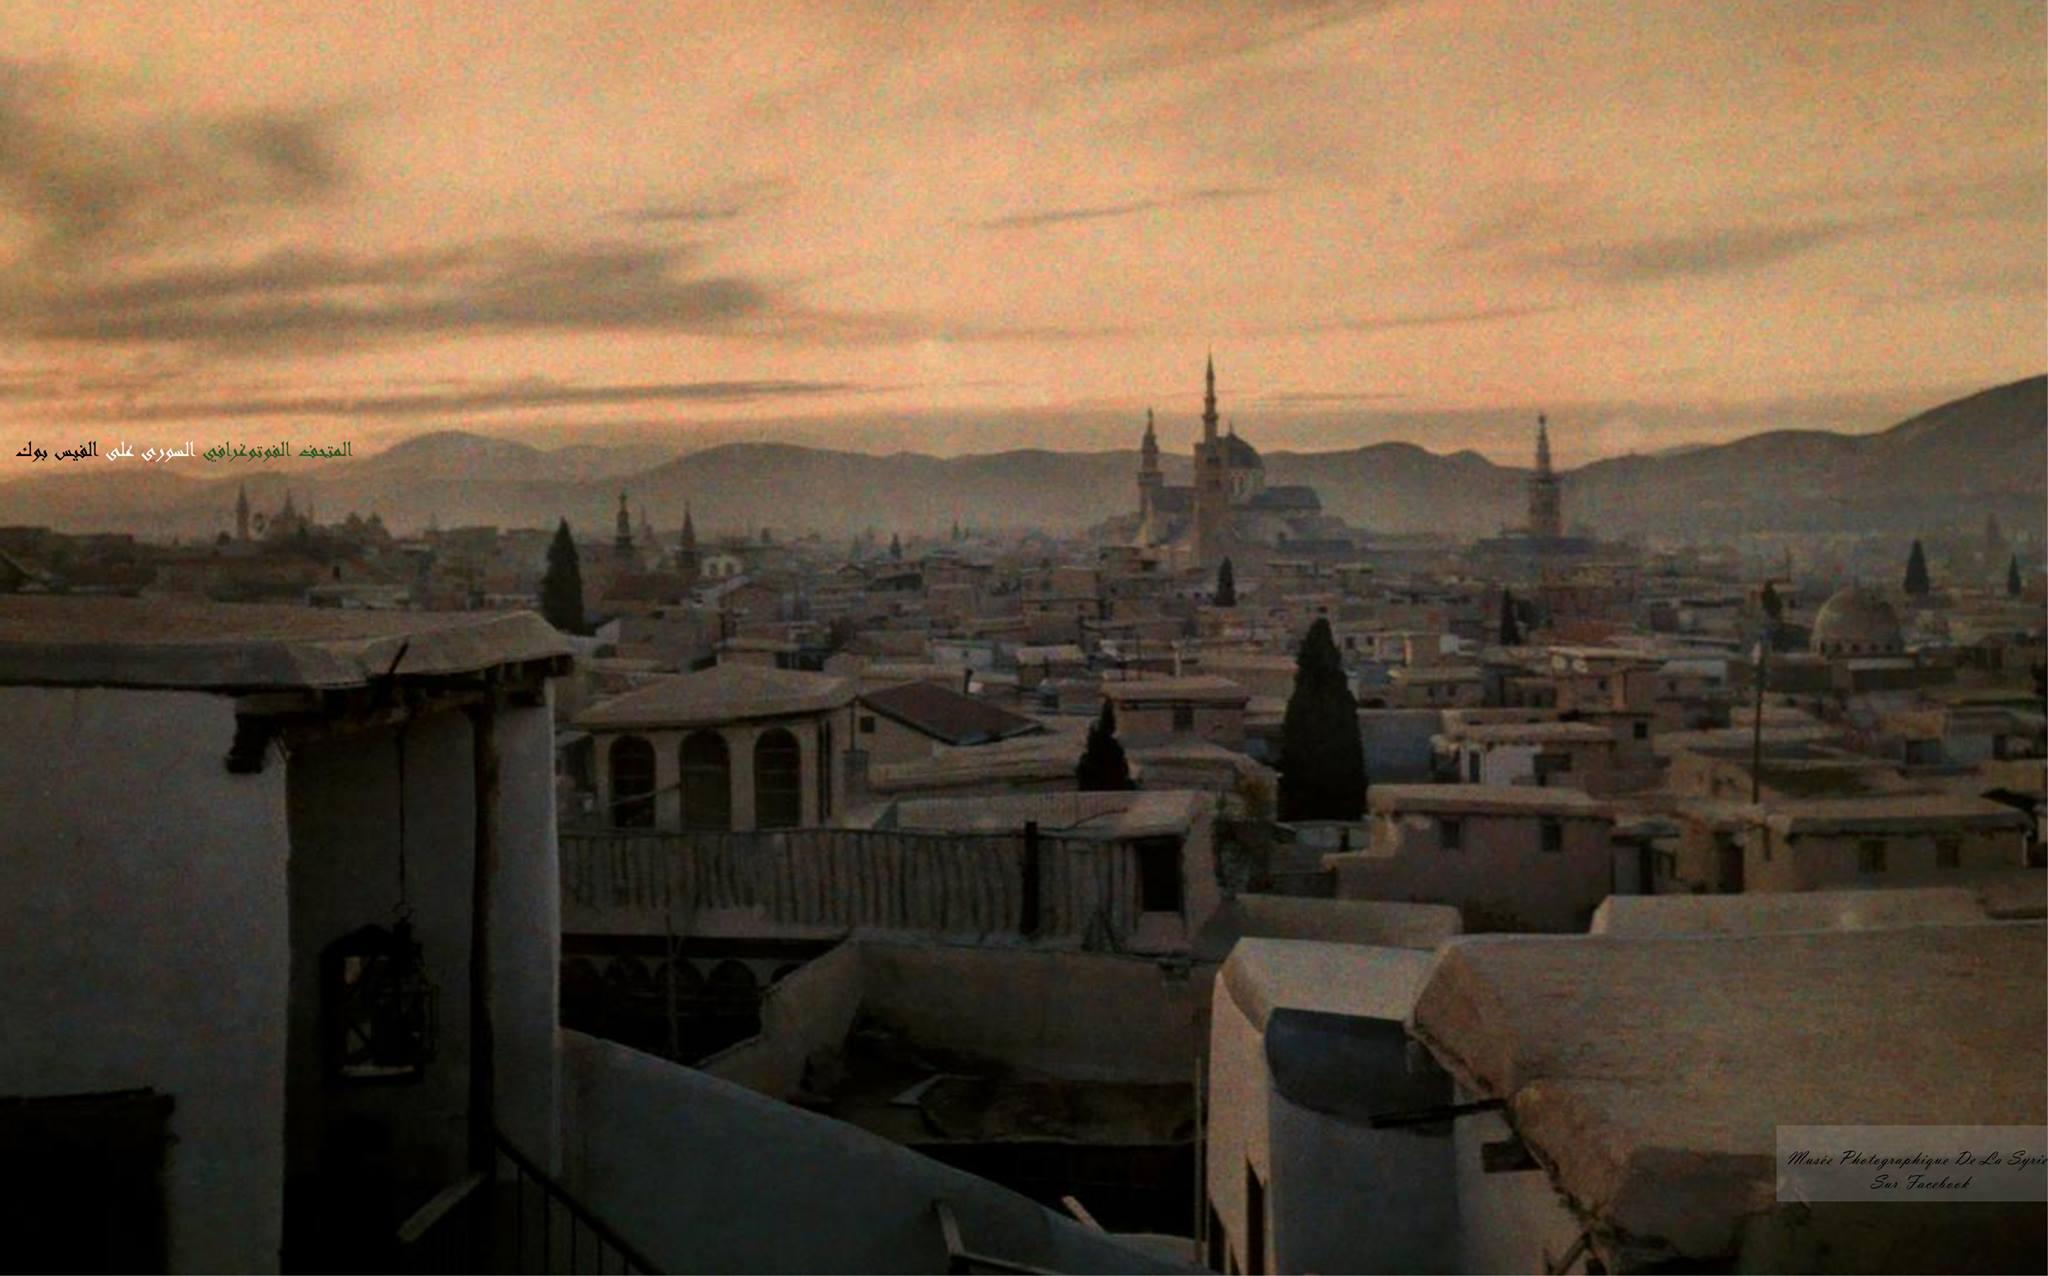 دمشق 1925- دمشق القديمة والجامع الأموي